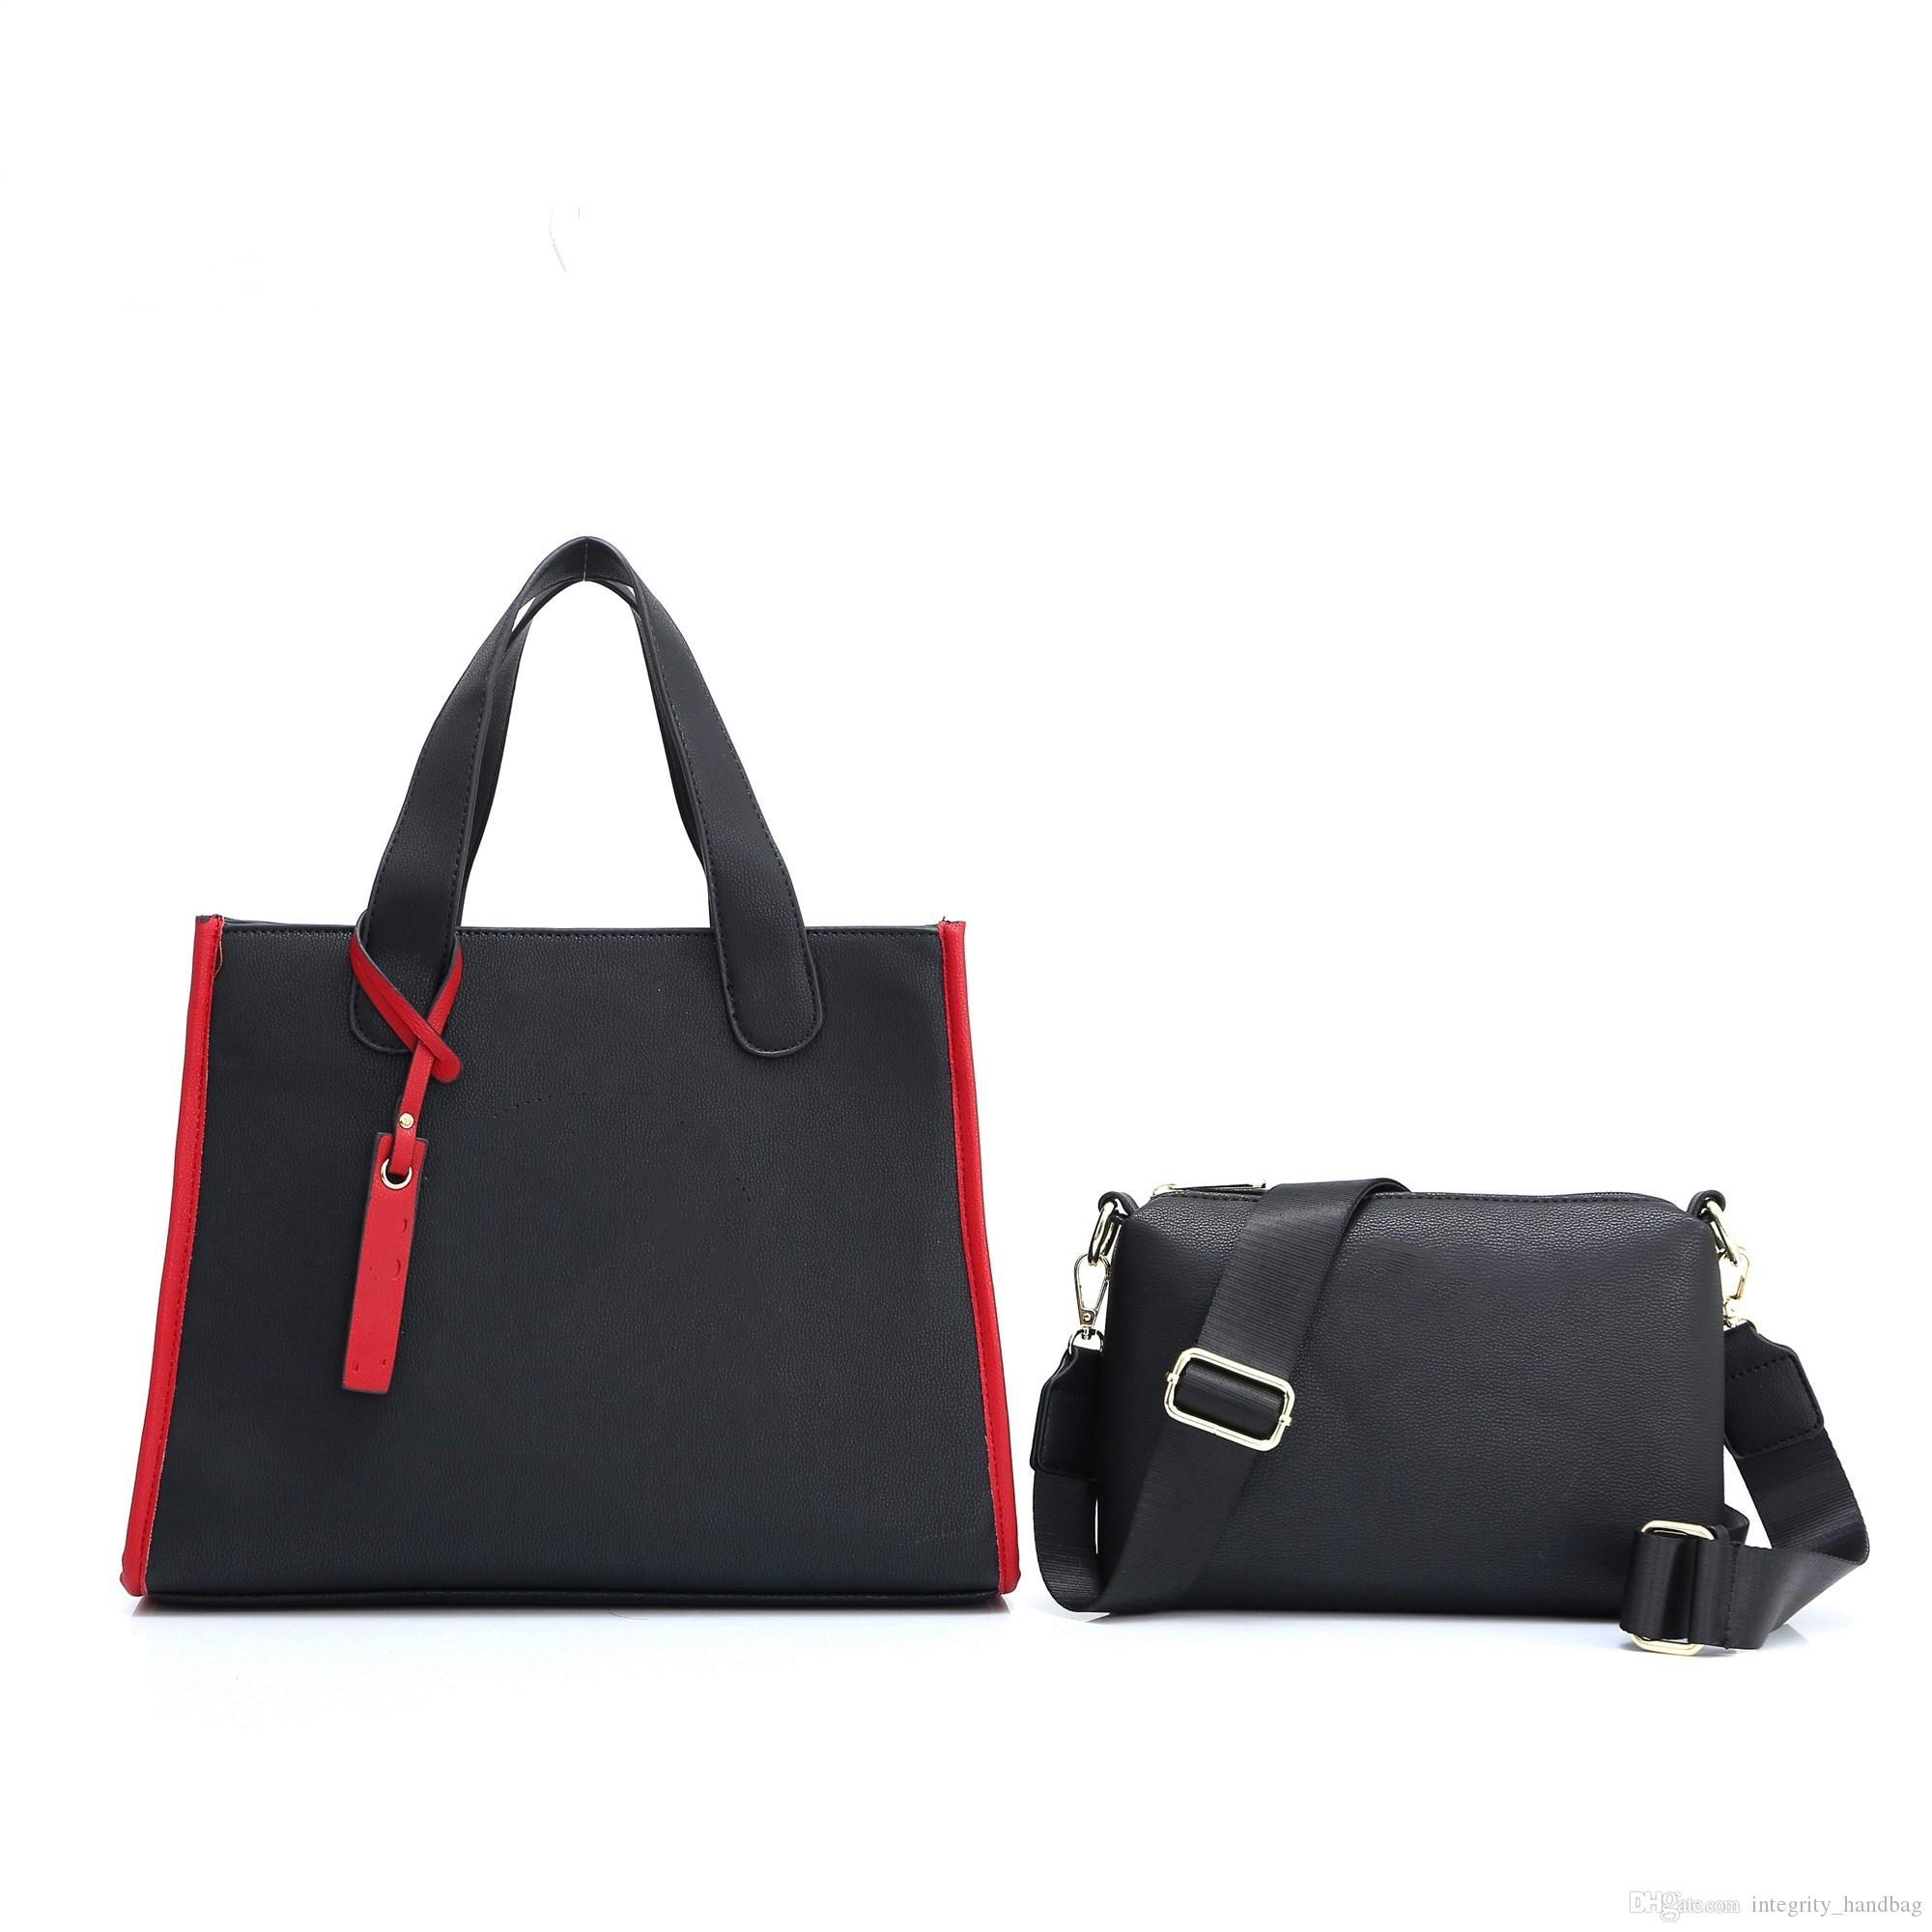 2020 стили сумки Известный дизайнер Бренд моды кожаные сумки Tote женщин сумки плеча леди кожаные сумки M сумки кошелек 601T #